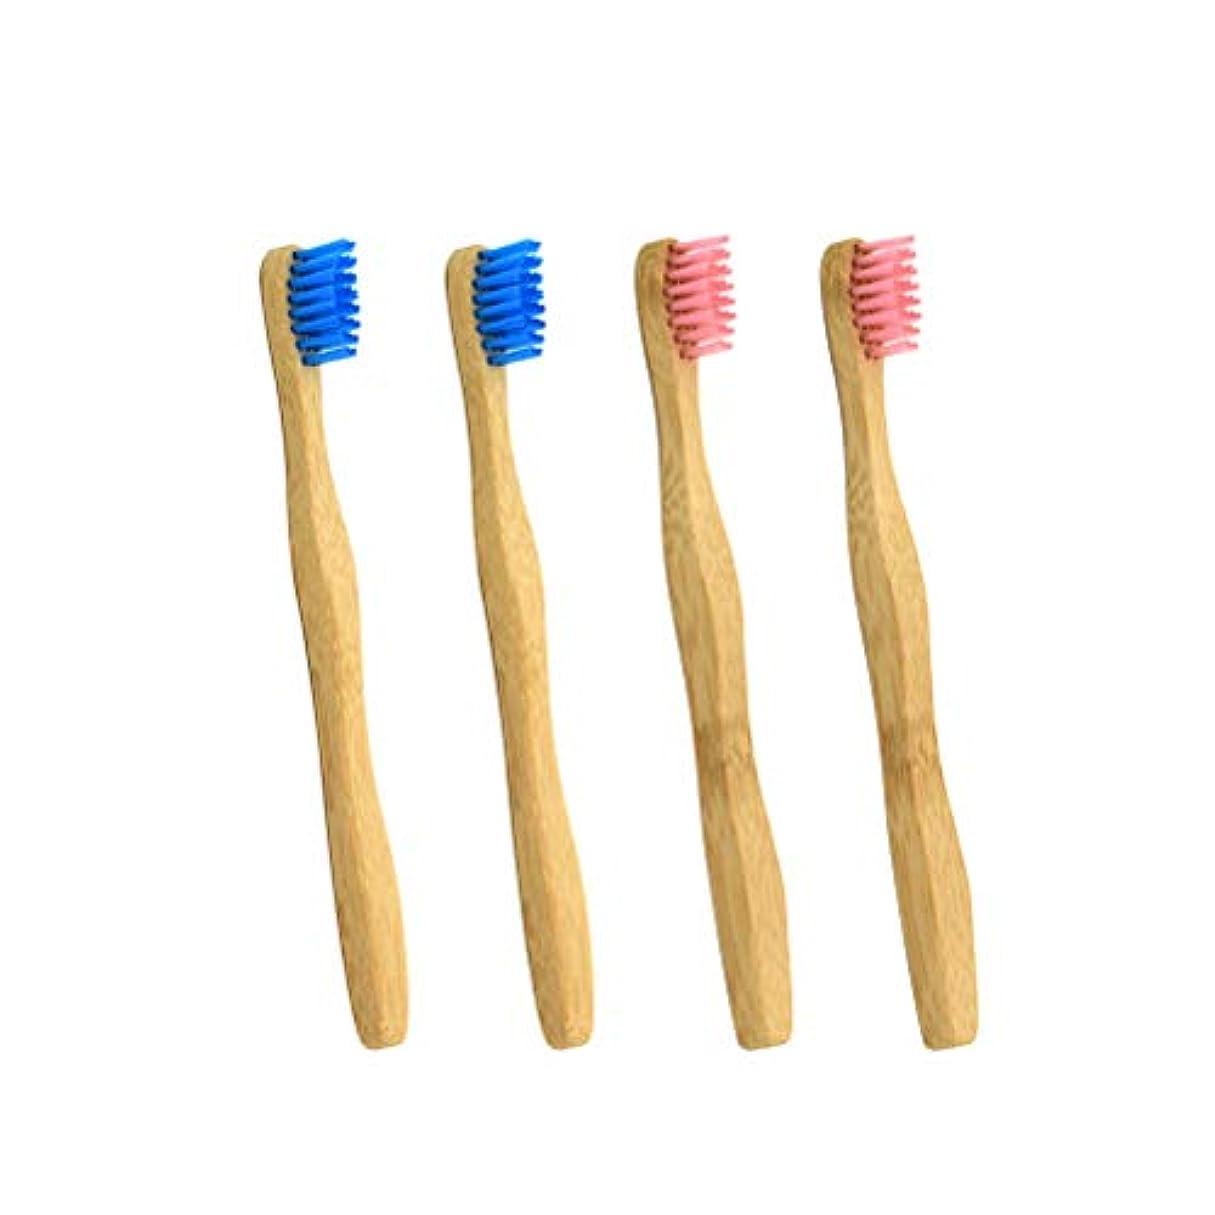 コスト最初出身地Healifty 子供旅行のための竹の歯ブラシの木炭剛毛使い捨てのナイロン歯ブラシ(ピンクとピンク各2本)